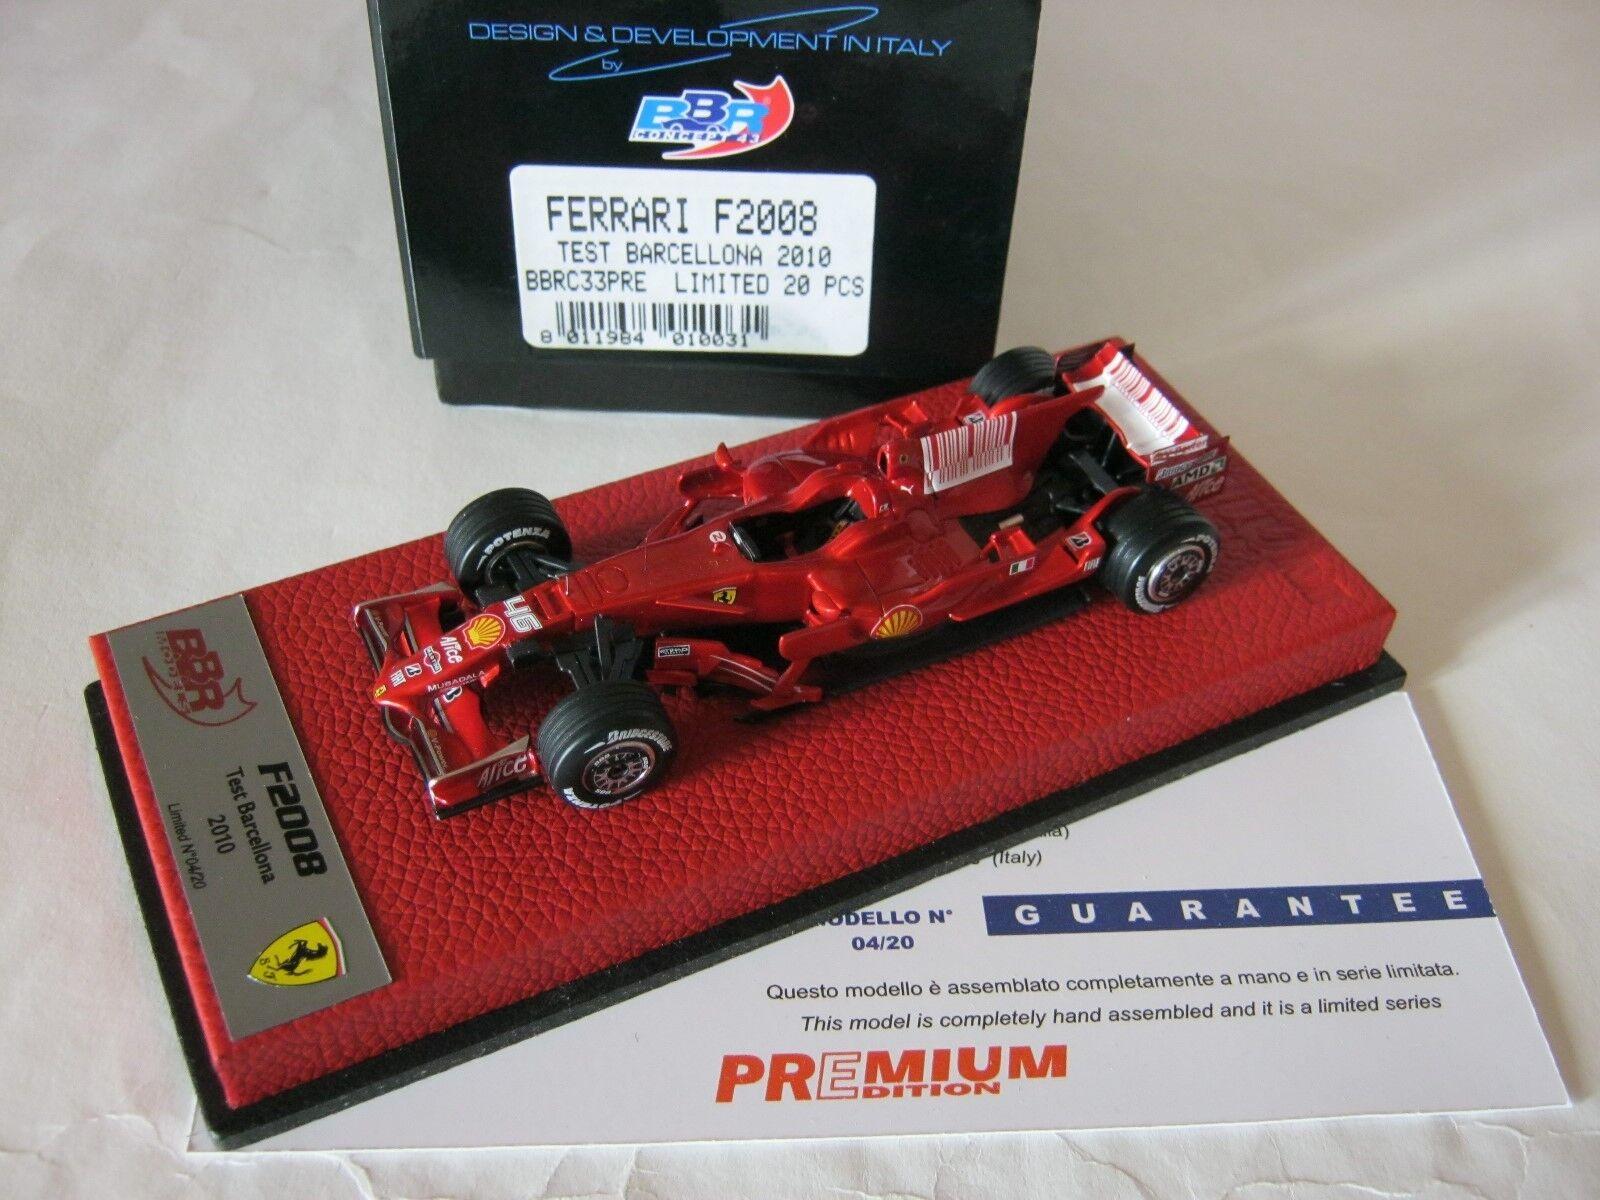 F1 BBR 1 43 FERRARI F2008 TEST BARCELONE 2010 VALENTINO ROSSI BBRC33PRE